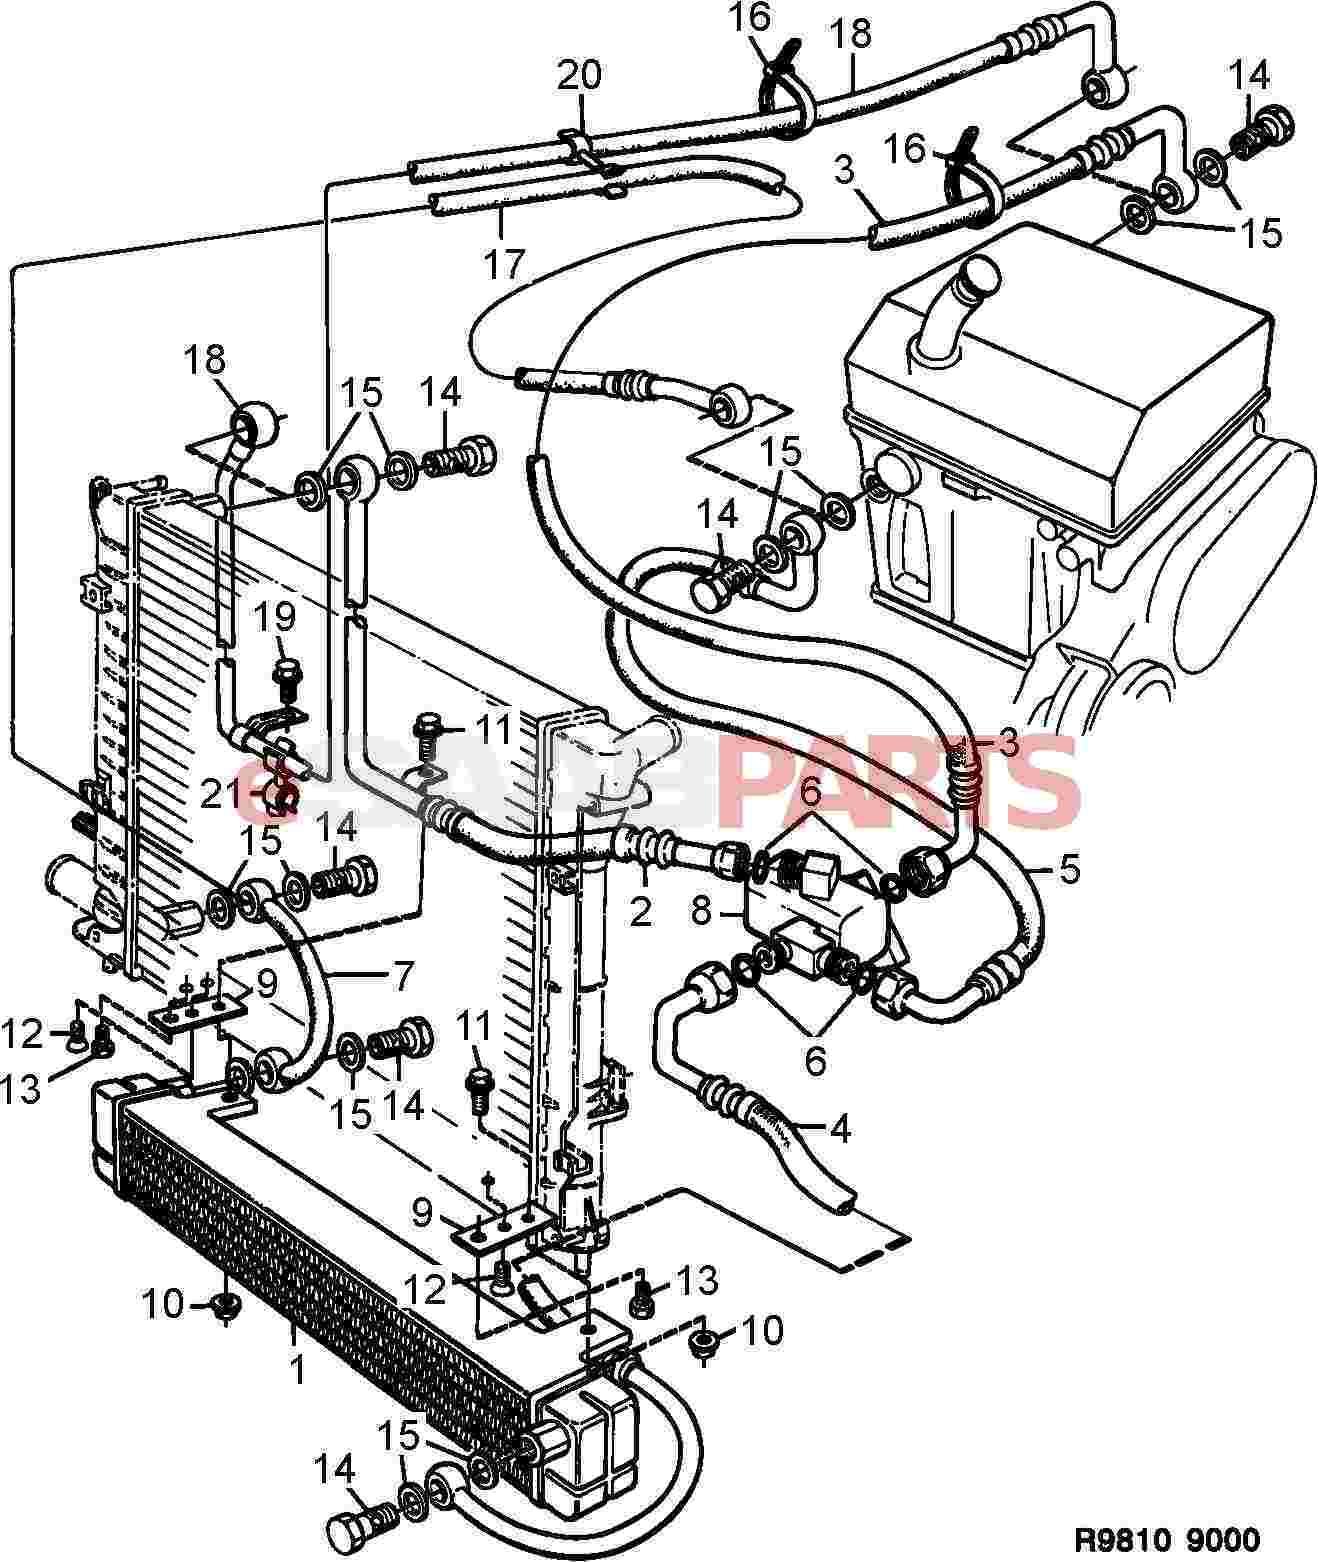 saab 9 3 radiator diagram saab engine image for user manual